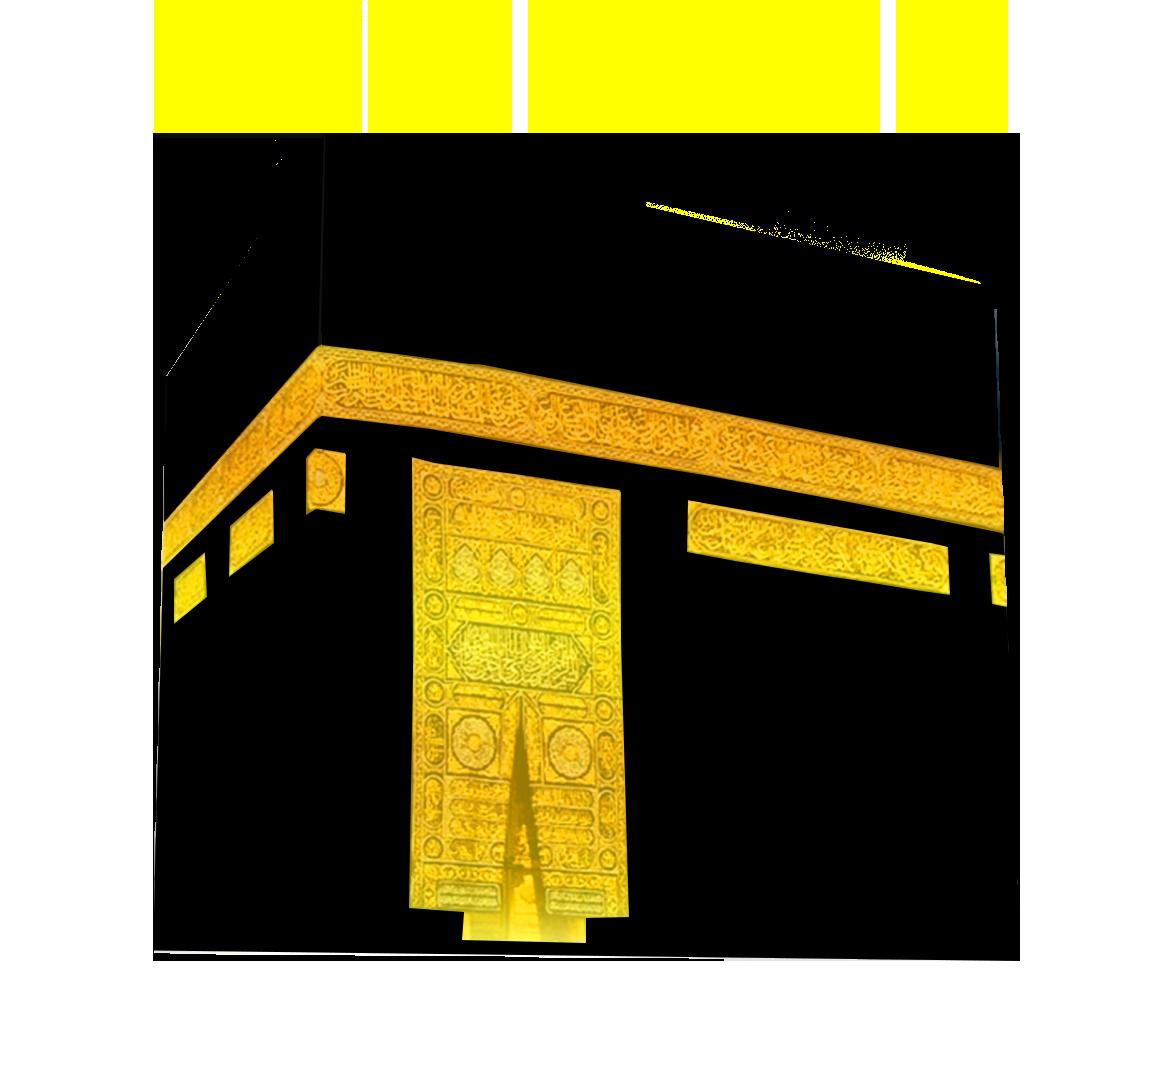 Khana Kaba Vector Png Image Transparent Background